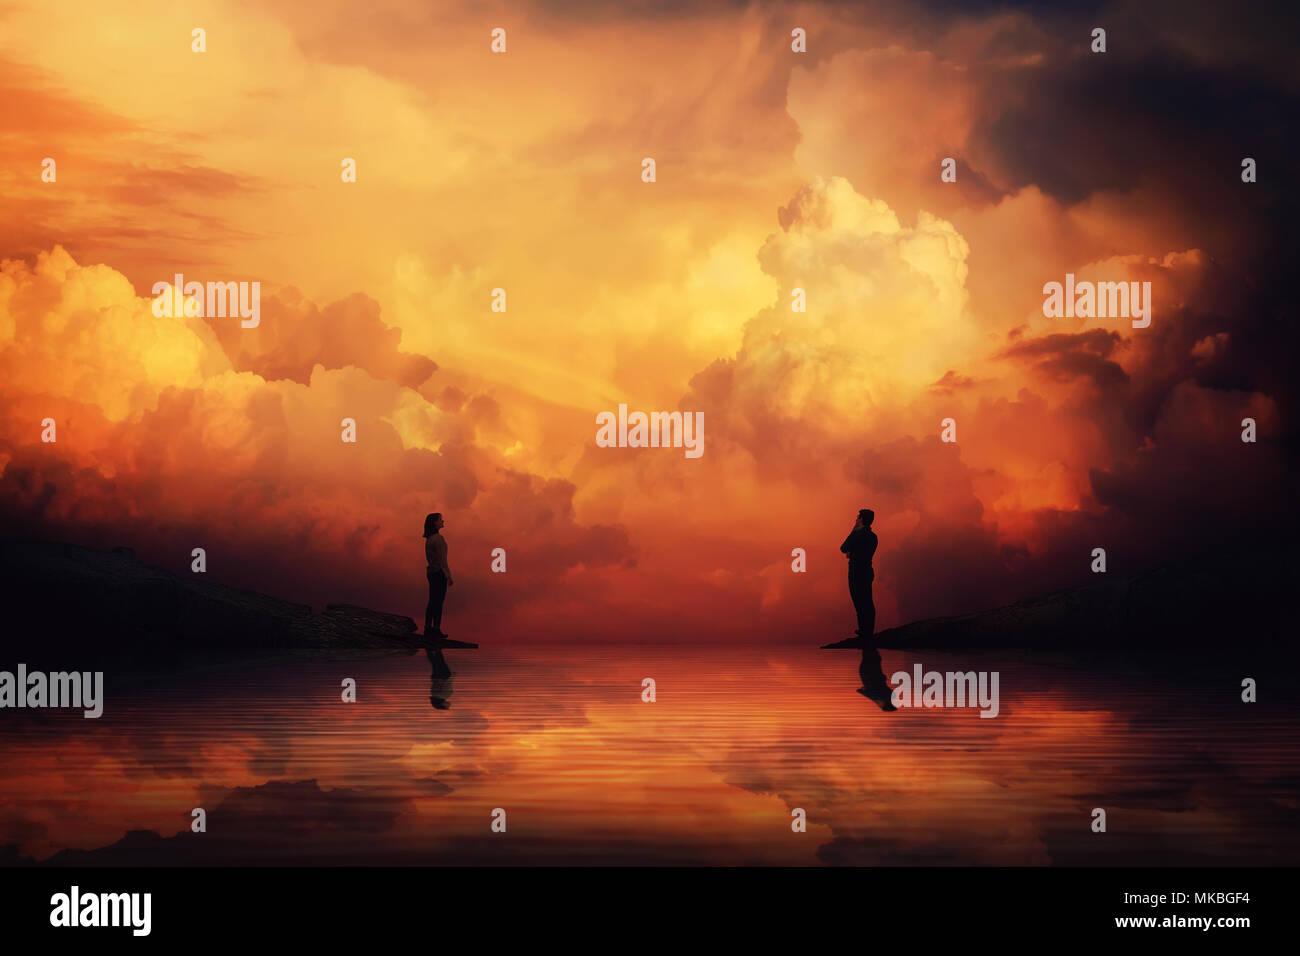 Mann und Frau stehen auf verschiedenen Seiten eines Flusses denken wie jeder andere über eine Landschaft Sonnenuntergang Hintergrund zu erreichen. Gebäude eine imaginäre Brücke Stockbild